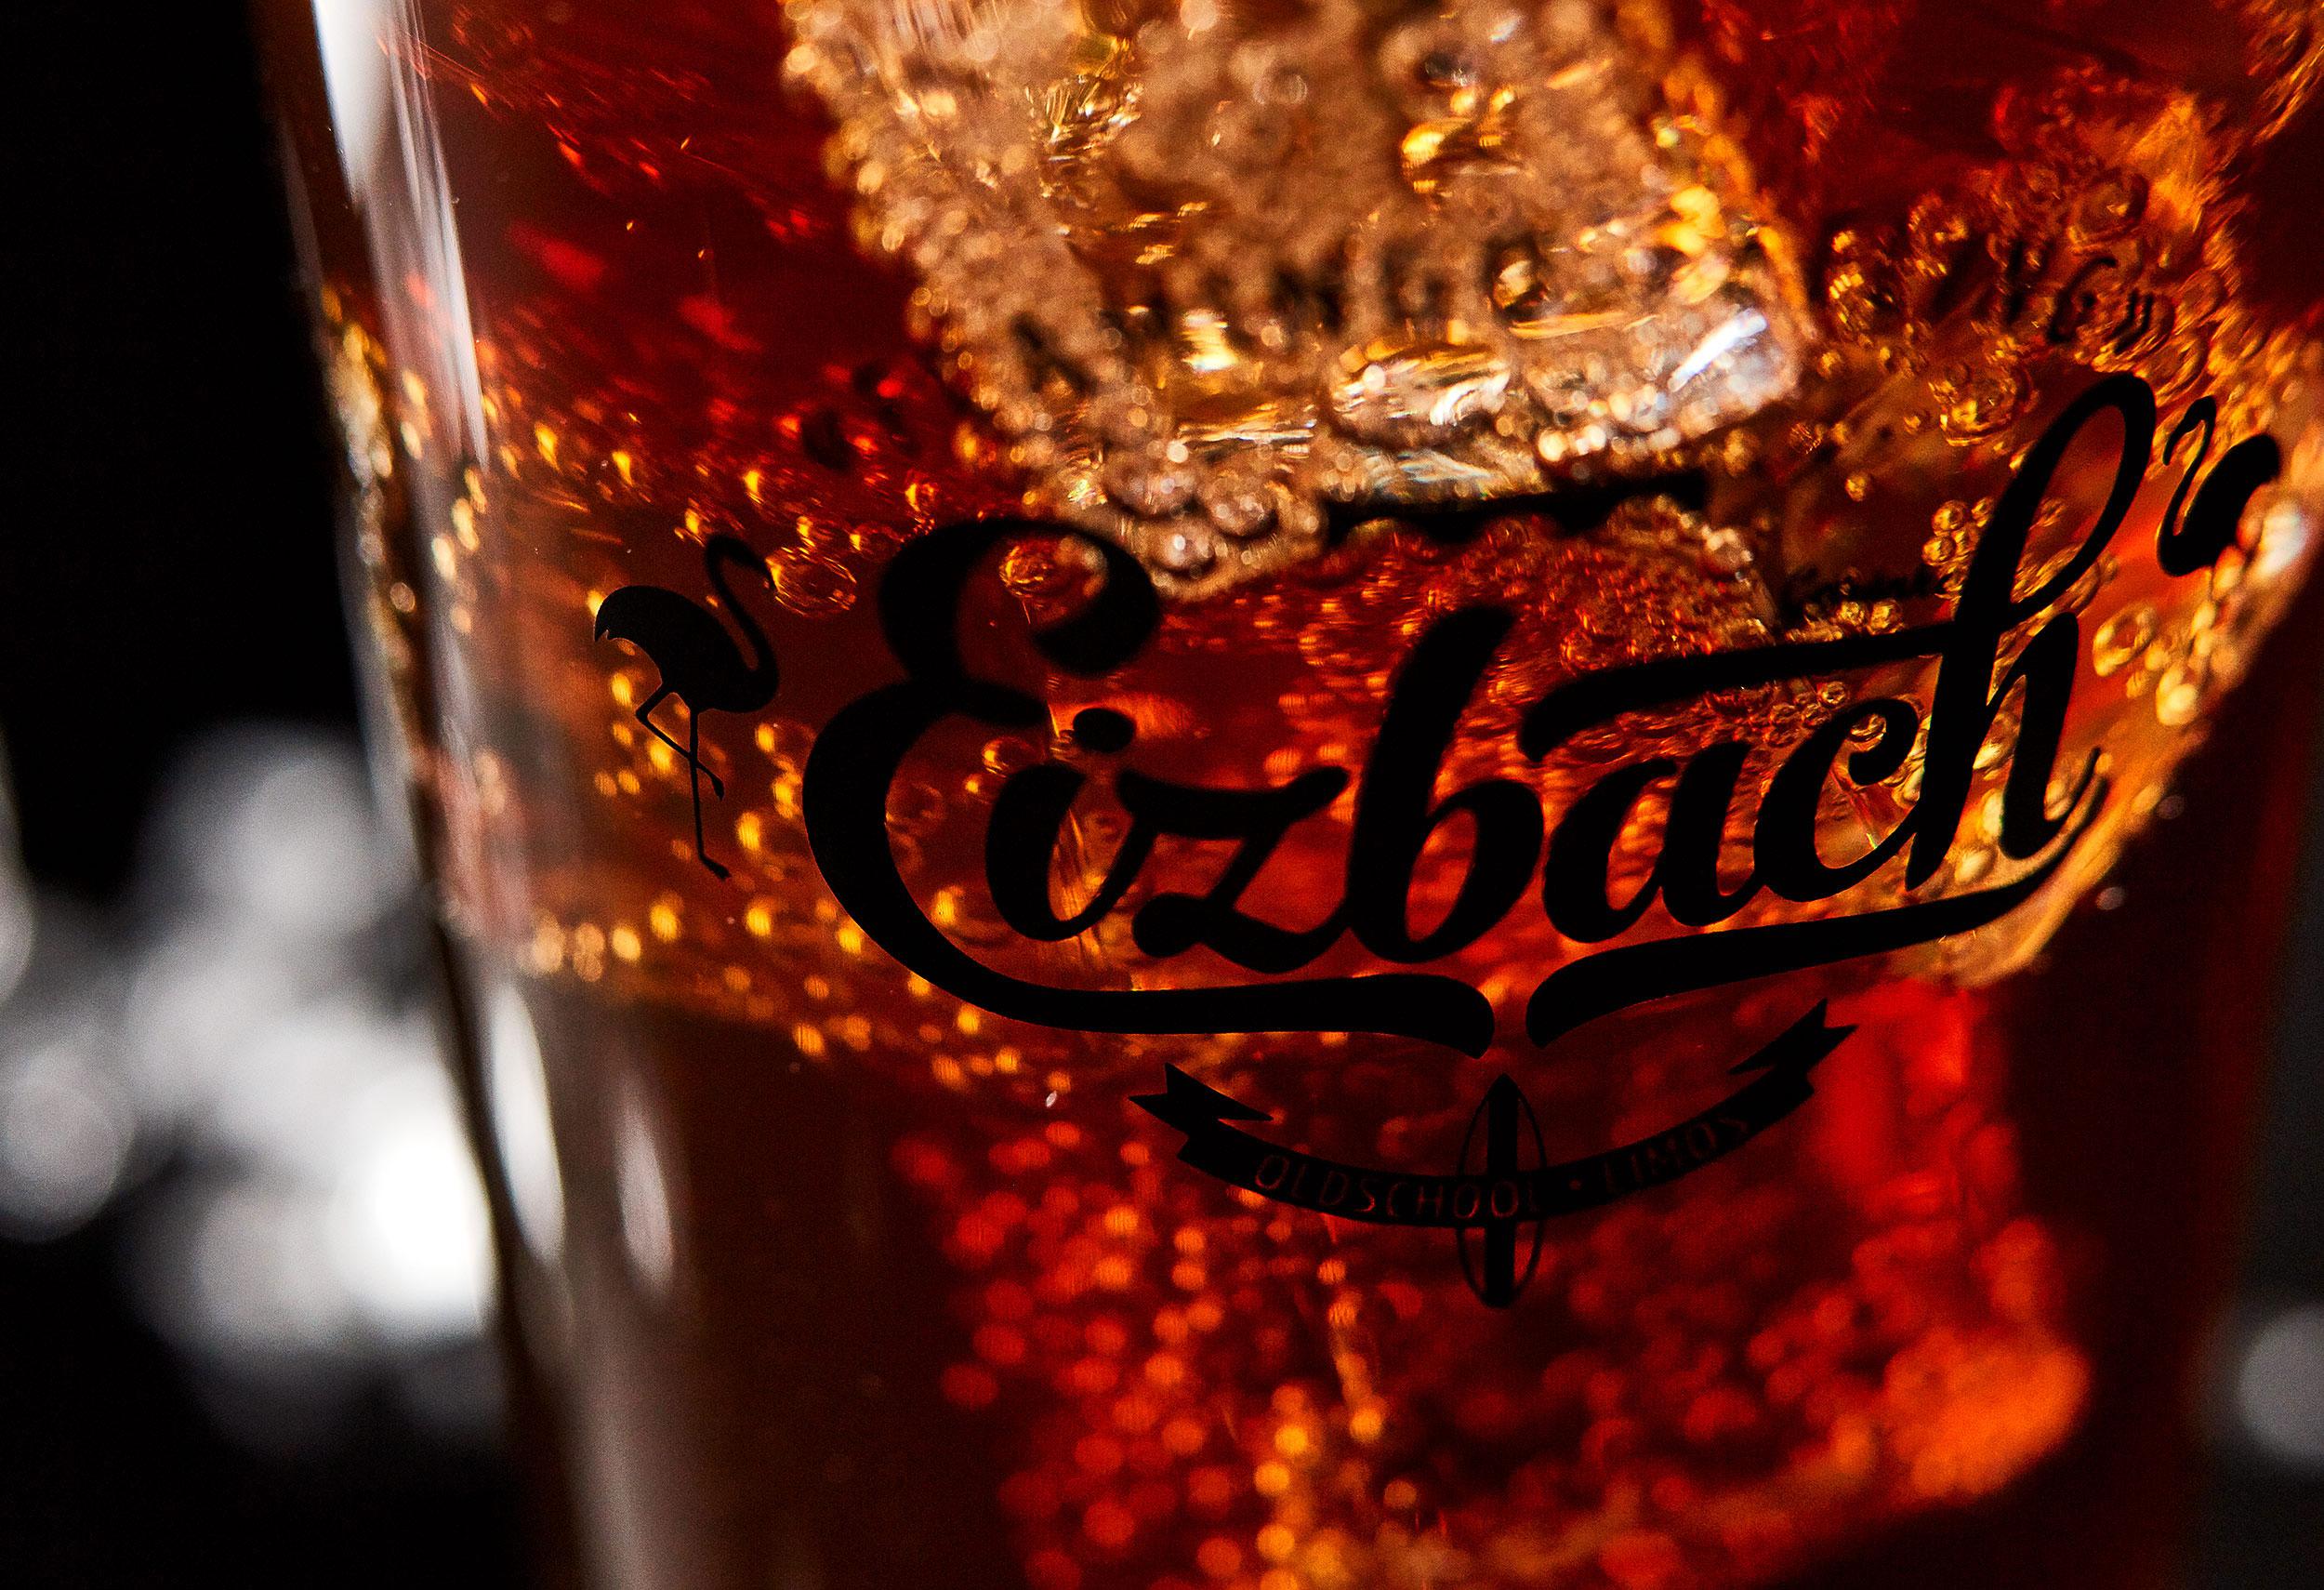 Eizbach_Calypzo_Glass_Closeup_2_2500_web.jpg